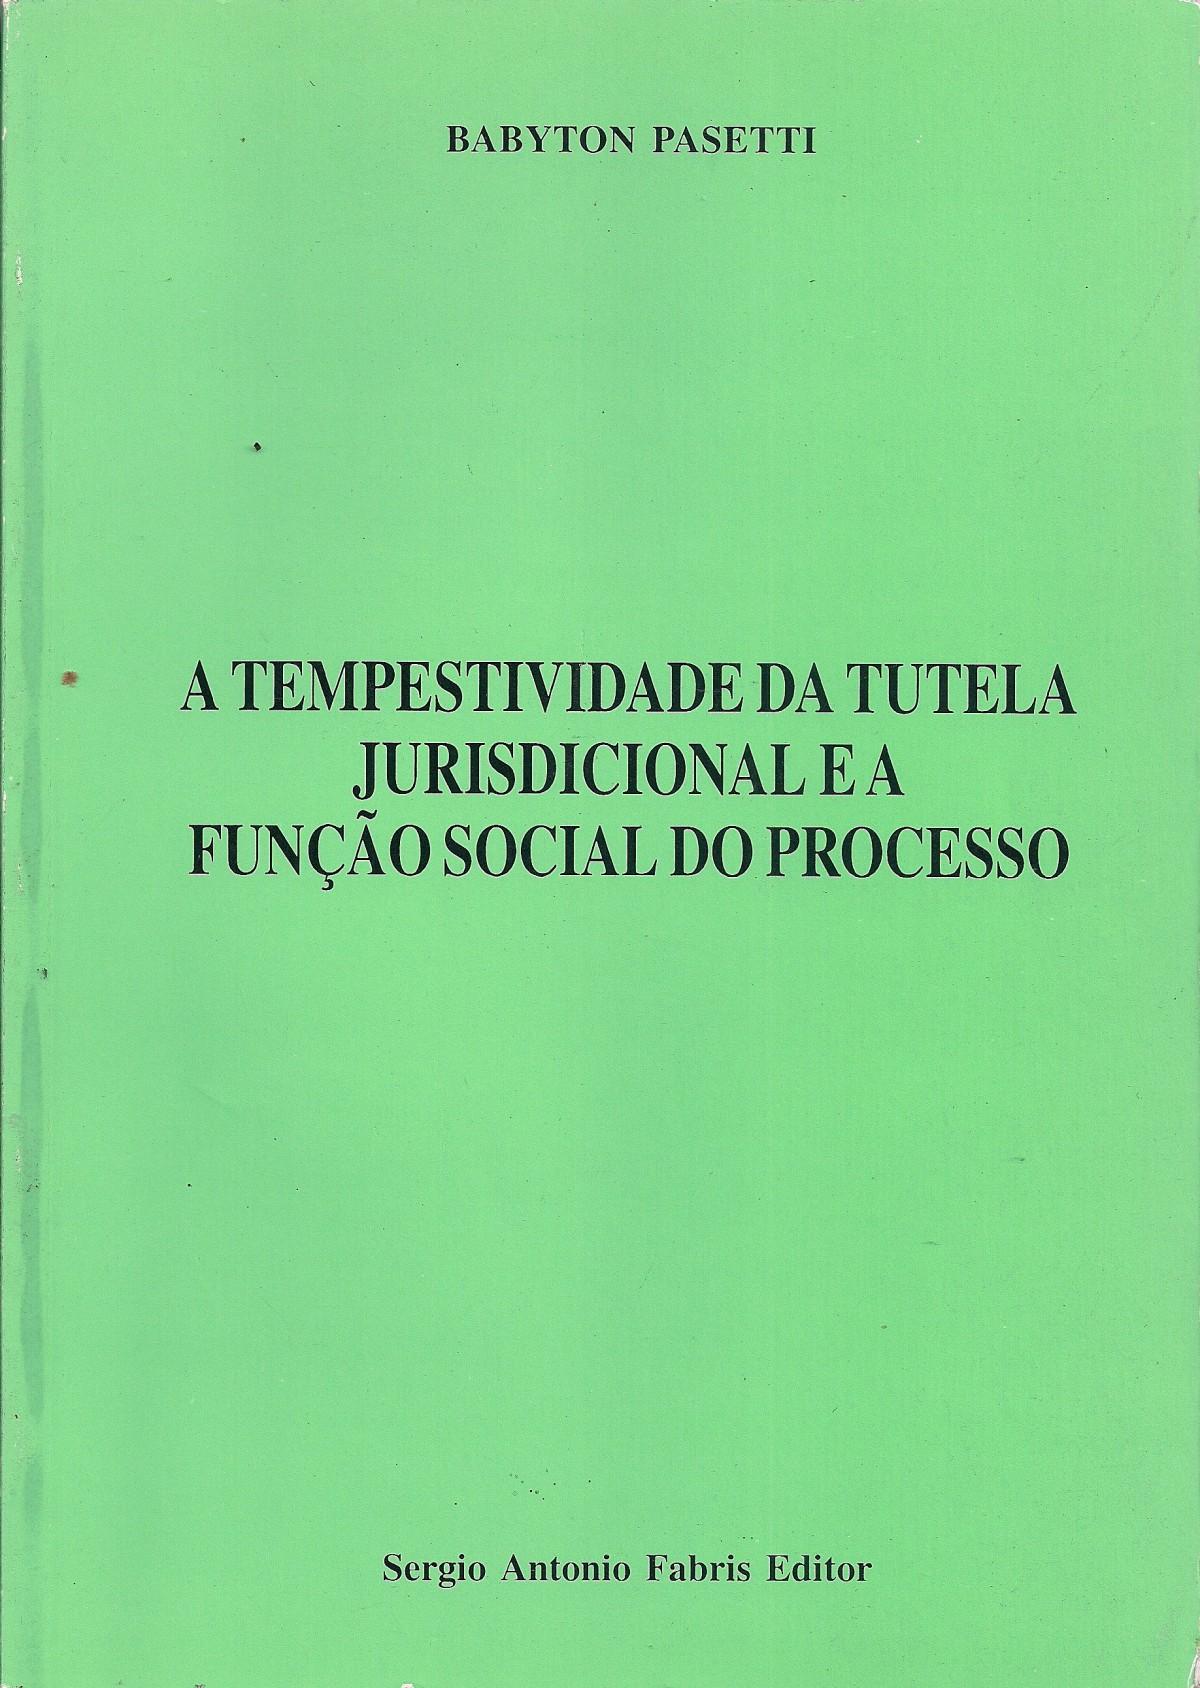 Foto 1 - A Tempestividade da Tutela Jurisdicional e a Função Social do Processo